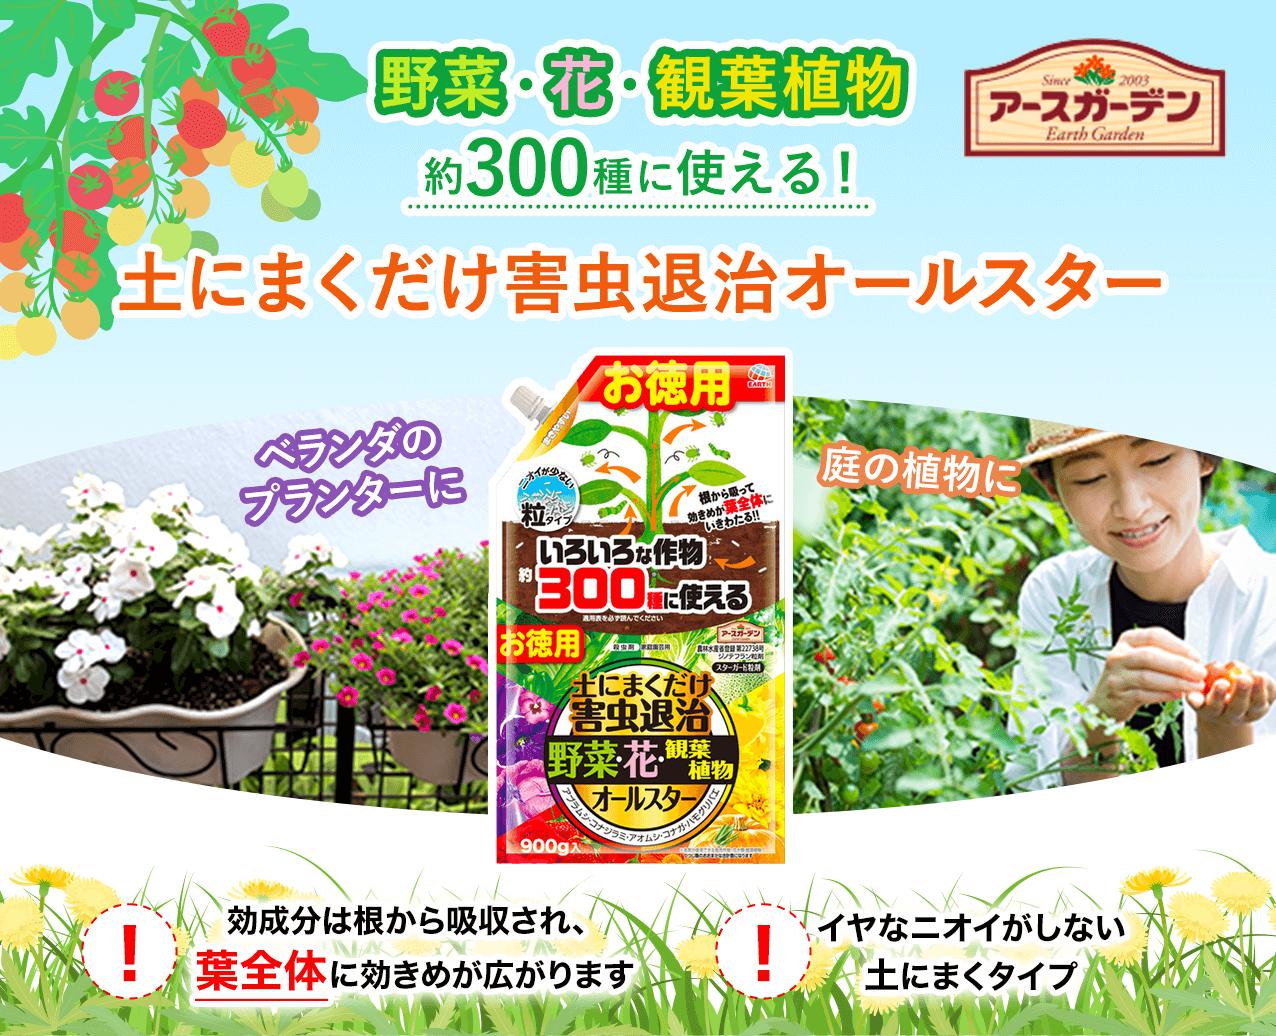 野菜・花・観葉植物約300種に使える!土にまくだけ害虫退治オールスター